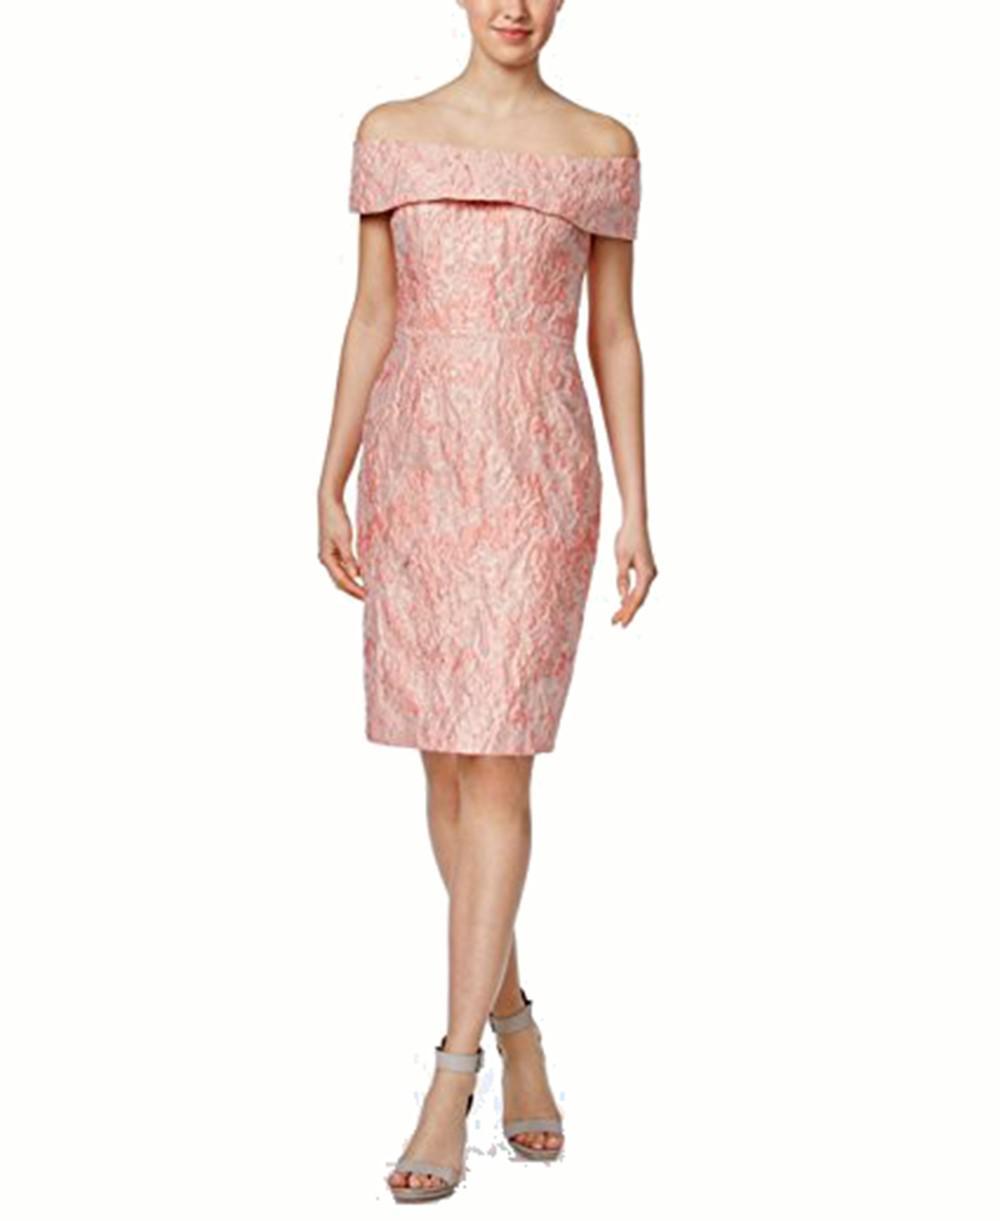 Contemporáneo Calvin Klein Wedding Dresses Imágenes - Colección de ...